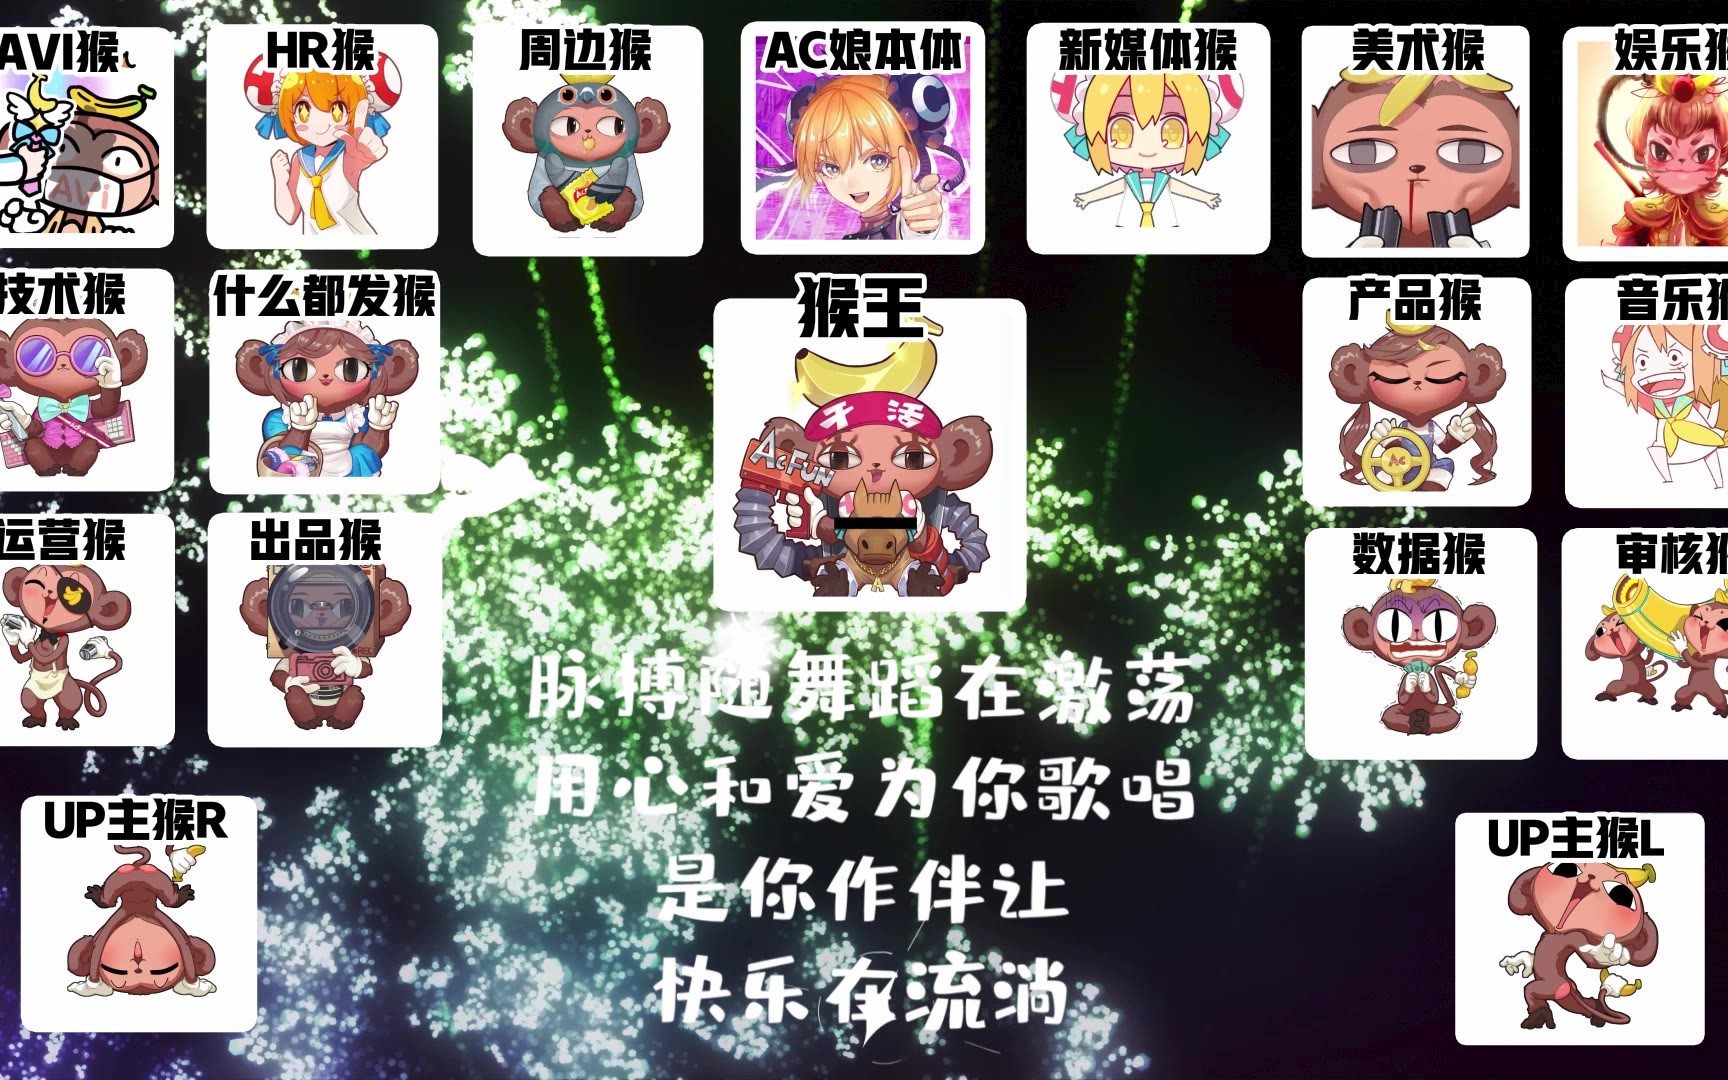 【为A而战】猴子版